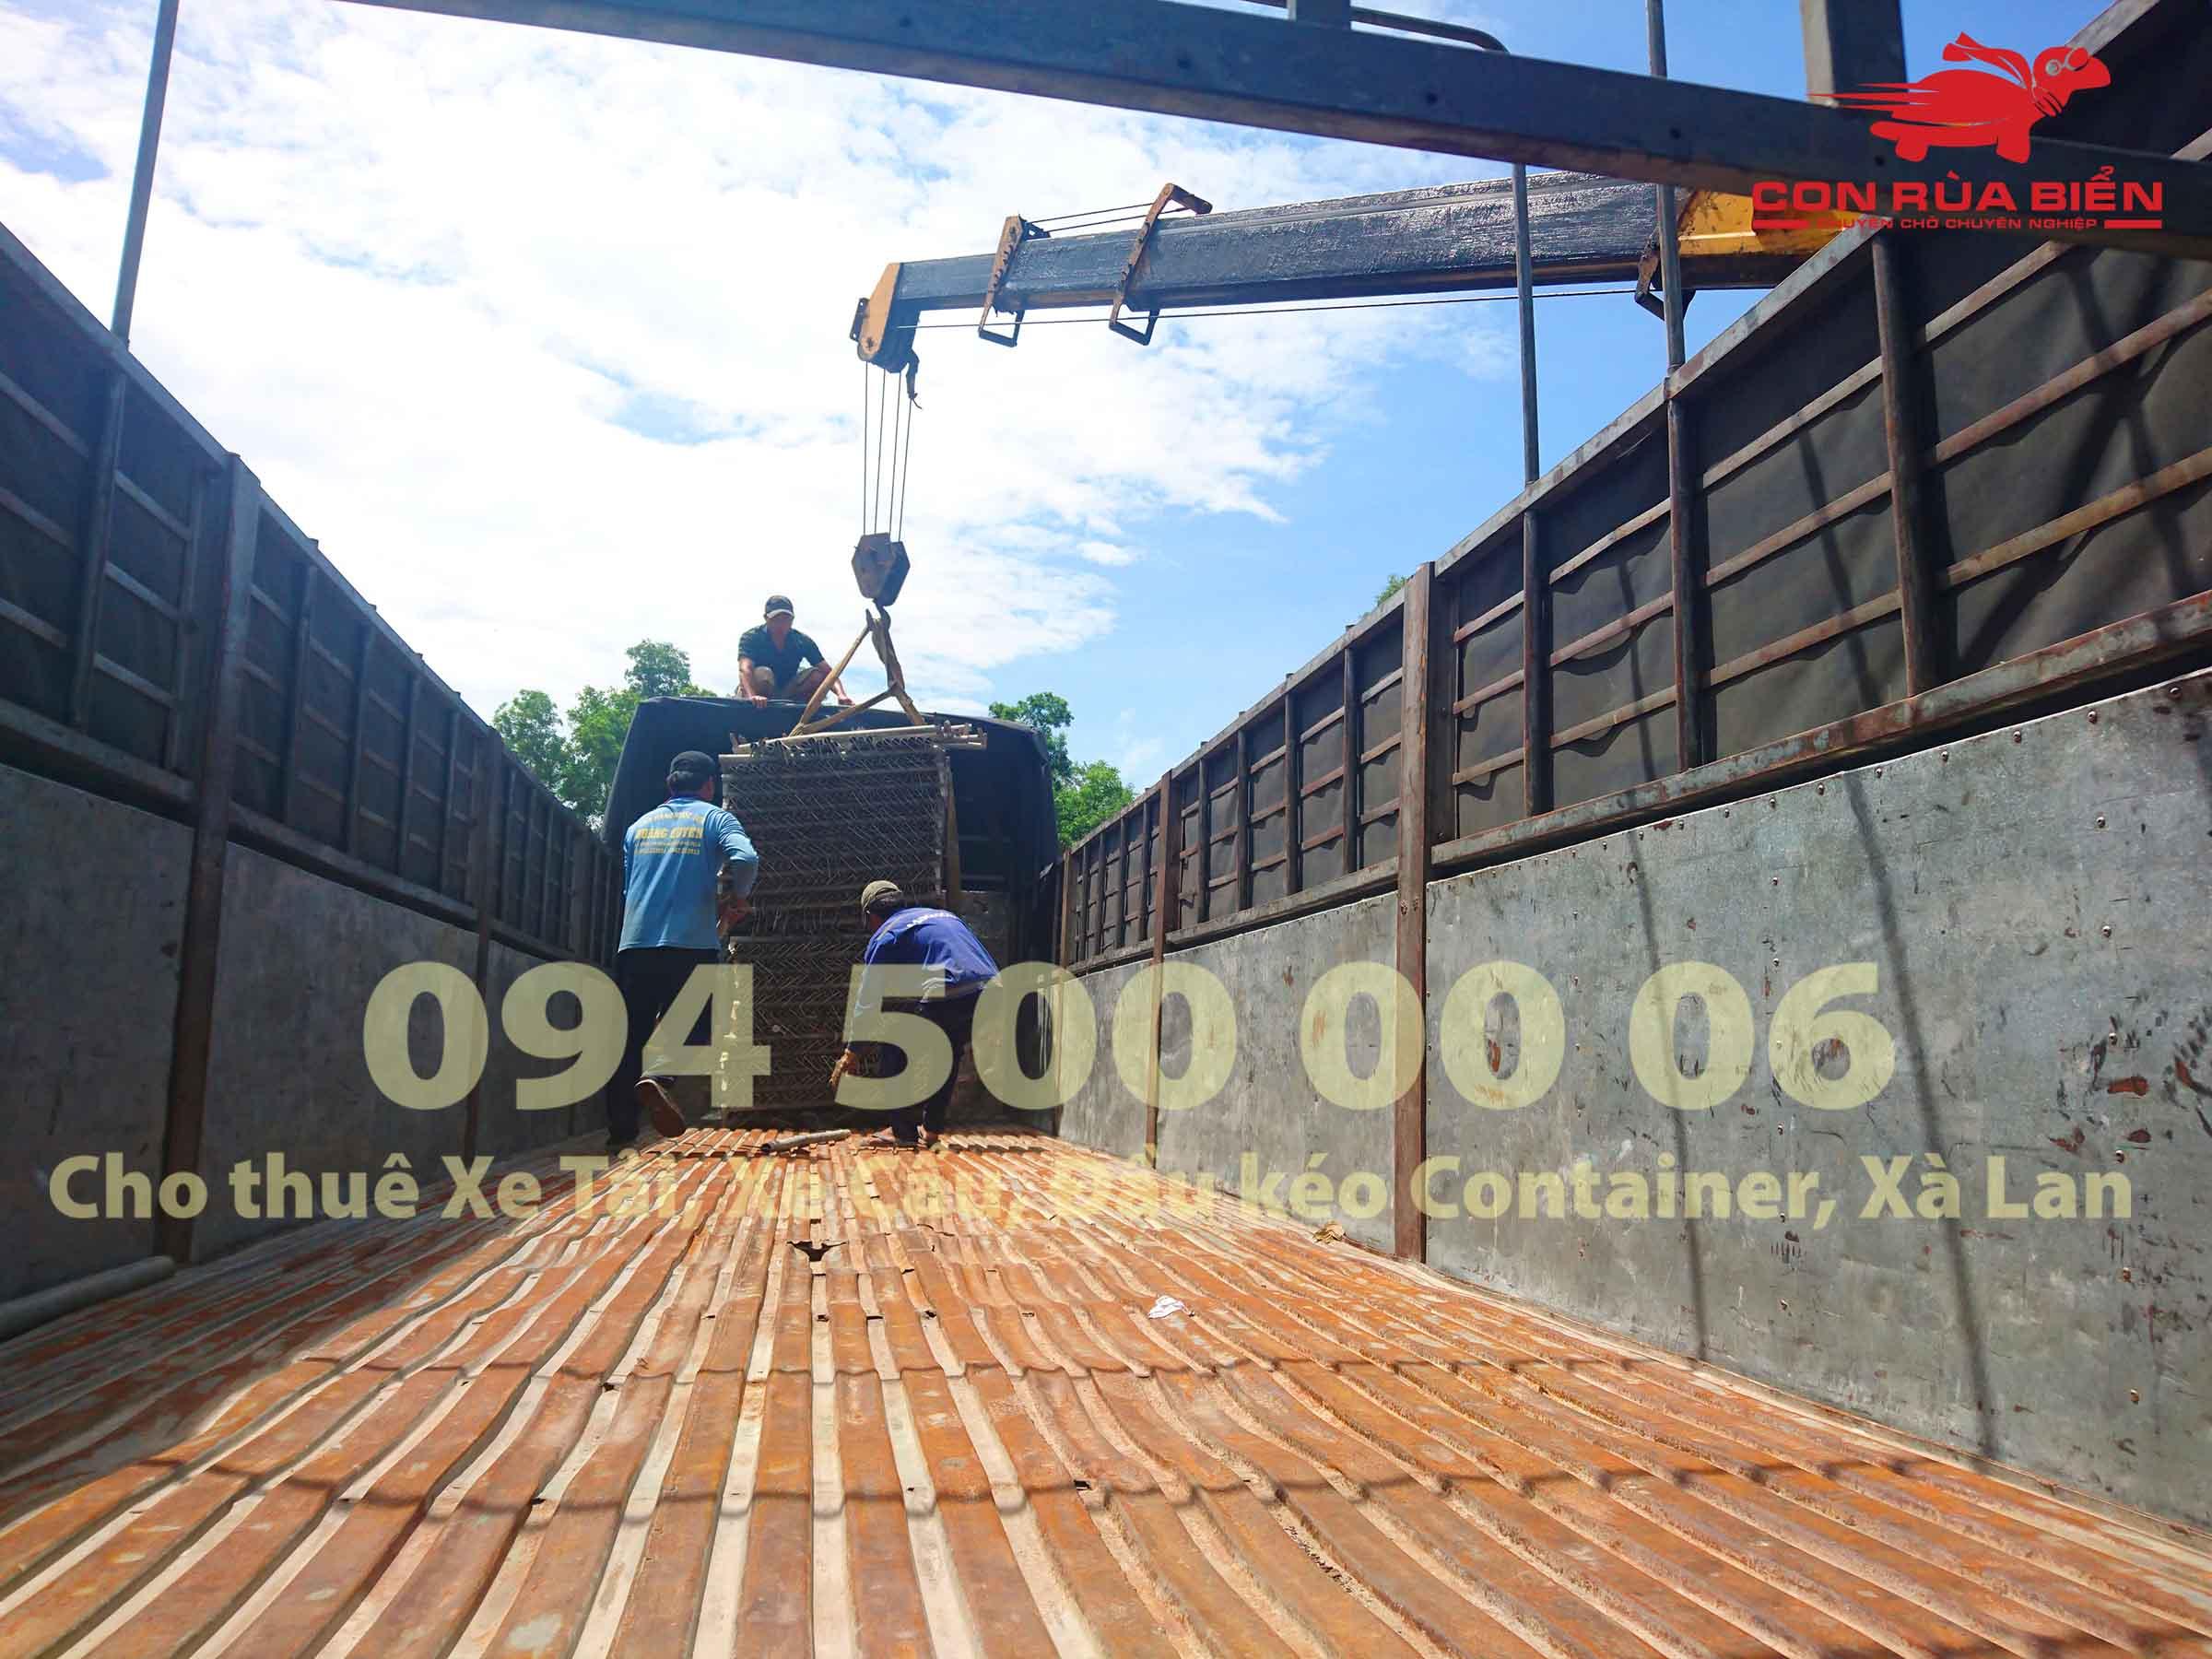 (Ảnh: Dự án vận chuyển Giàn Giáo công trình đi Phú Quốc - Chành xe Phú Quốc - Con Rùa Biển; trong ảnh là cảnh xe cẩu đang đưa hàng giàn giáo tại Gành Dầu Phú Quốc từ dưới kho chứa của công trình lên xe tải loại 15 tấn để vận chuyển giàn giáo từ Phú Quốc về Long An)